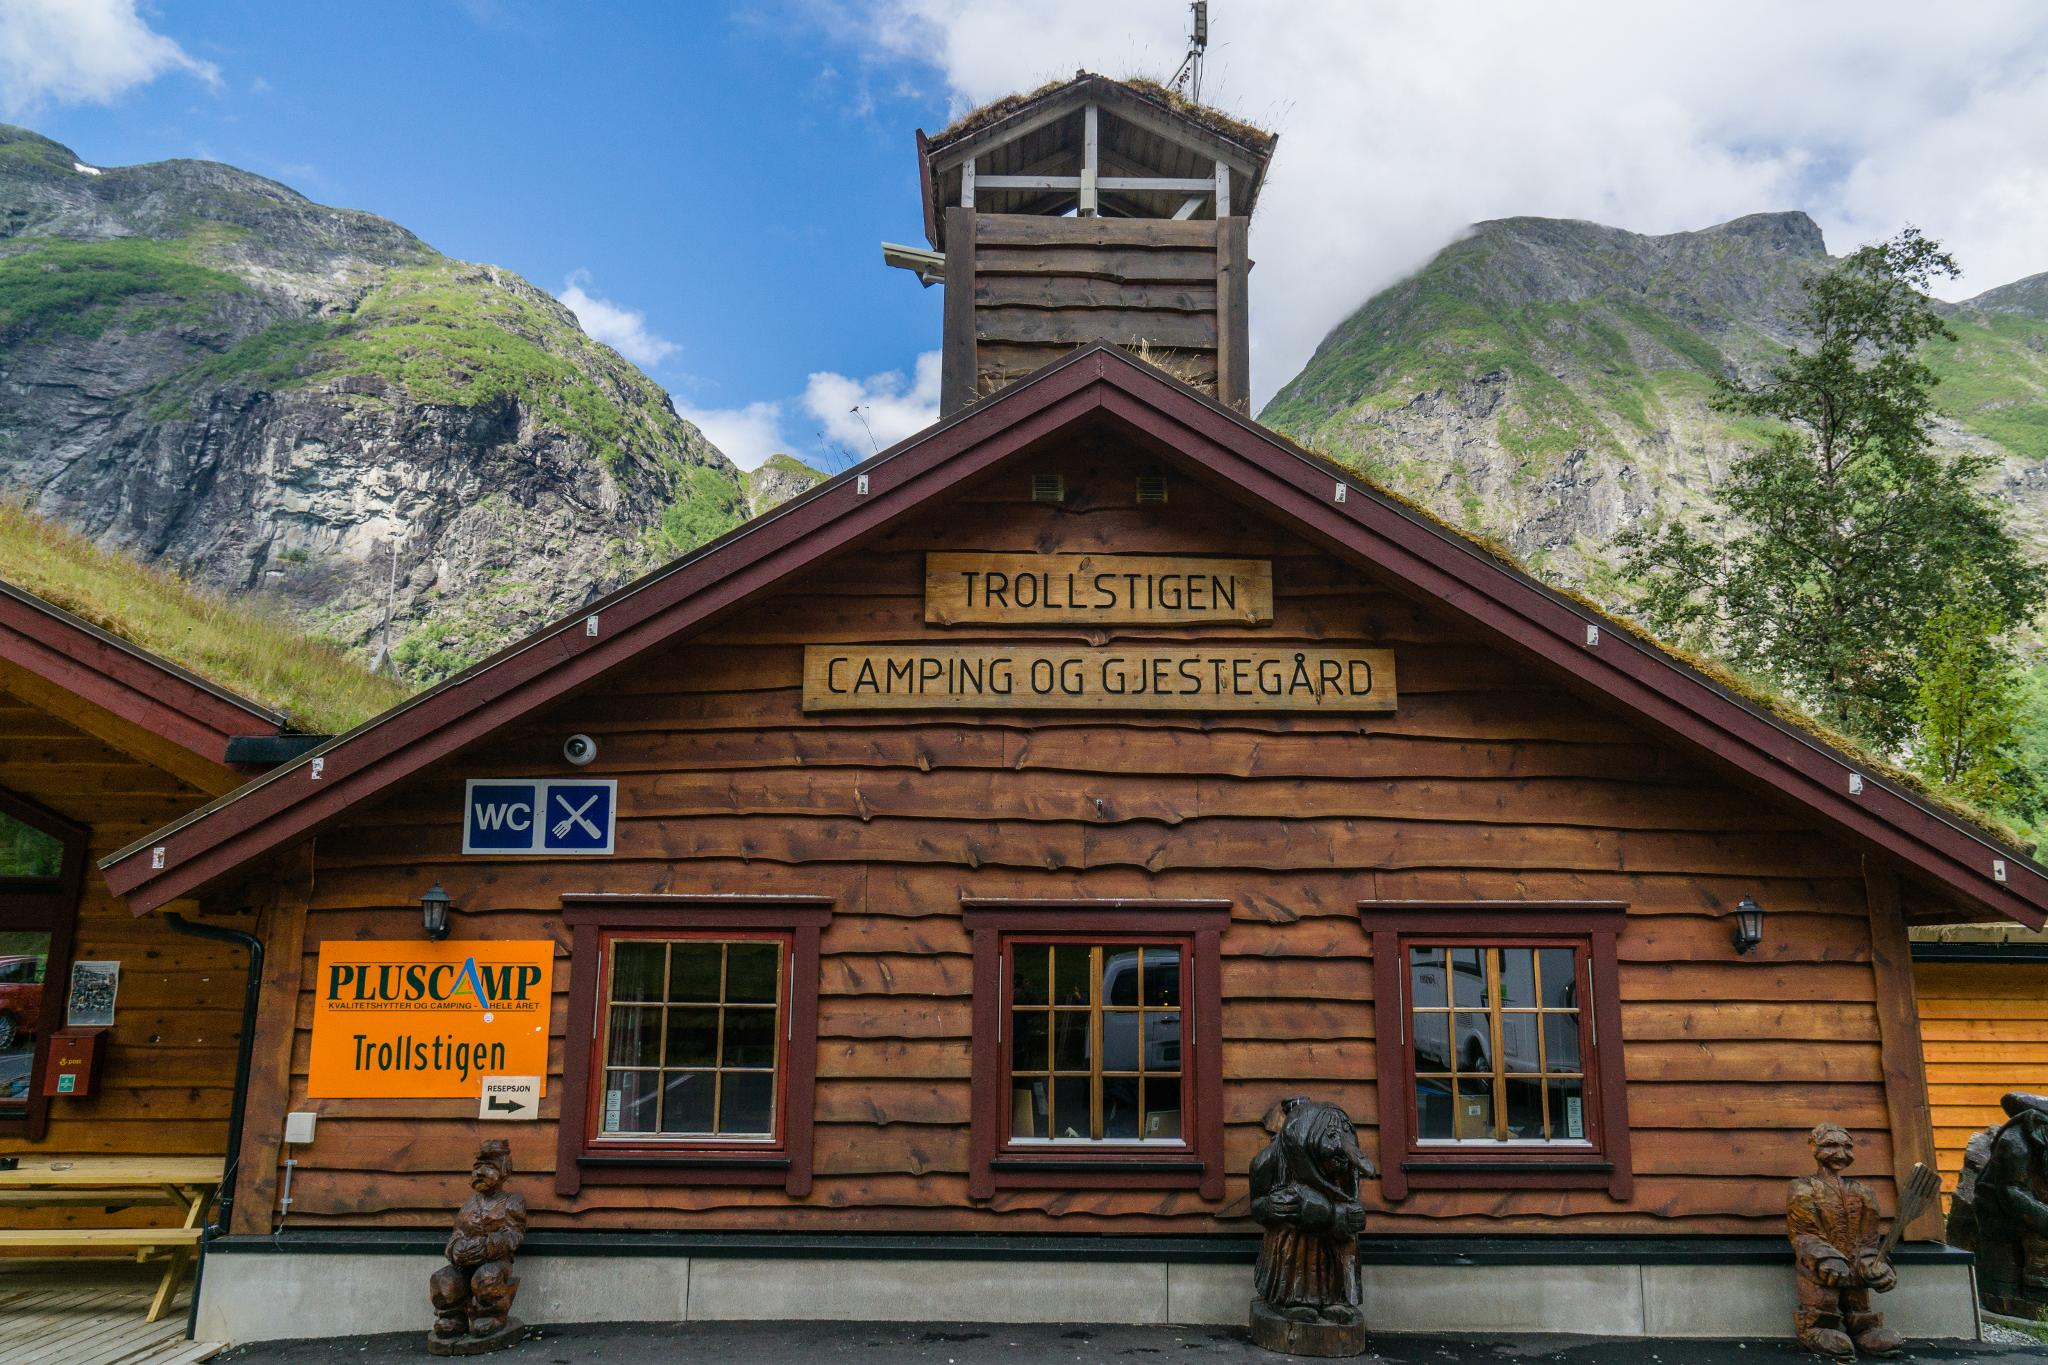 【北歐露營】在妖精出沒的峽谷中露營 - Trollstigen Camping 9